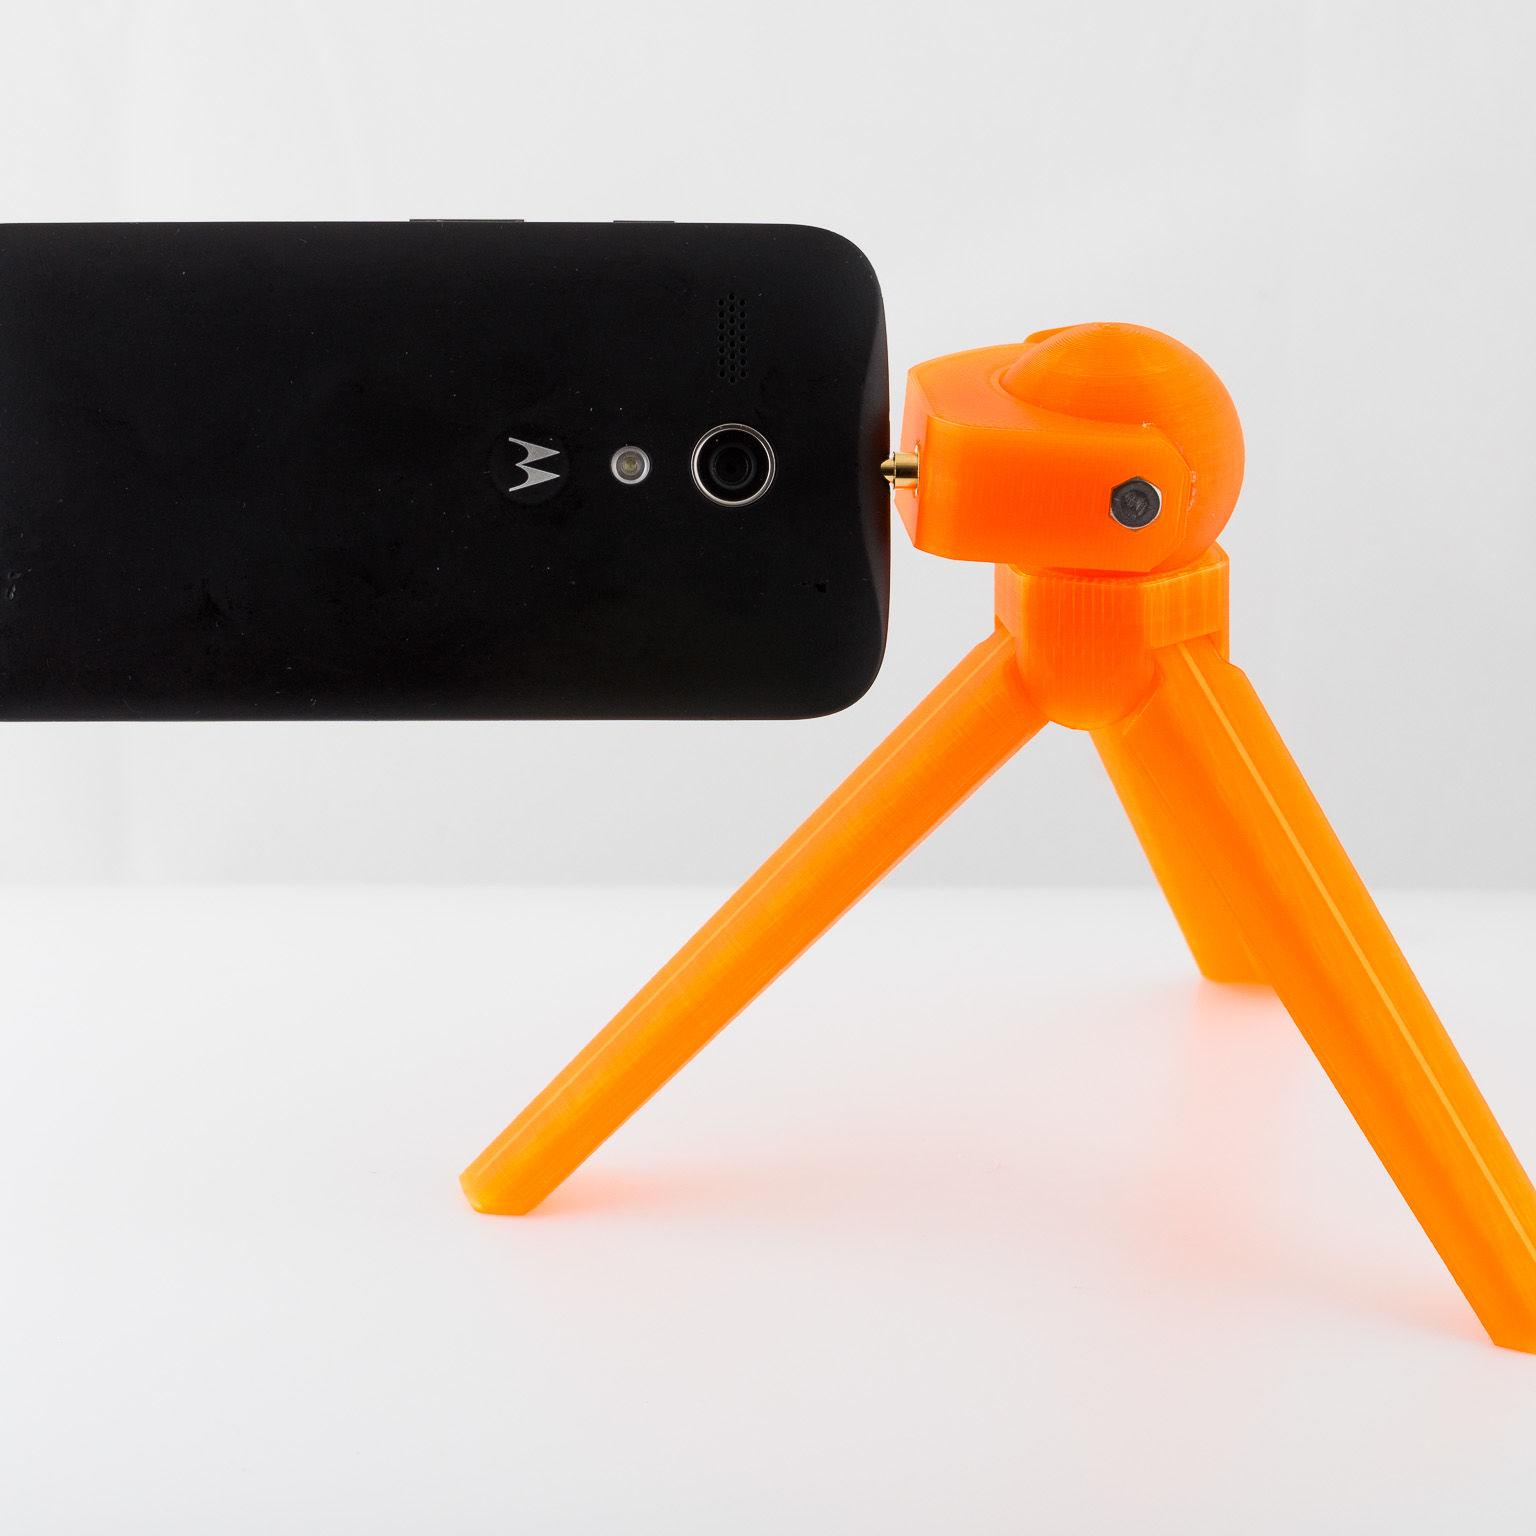 mini tripod with phone